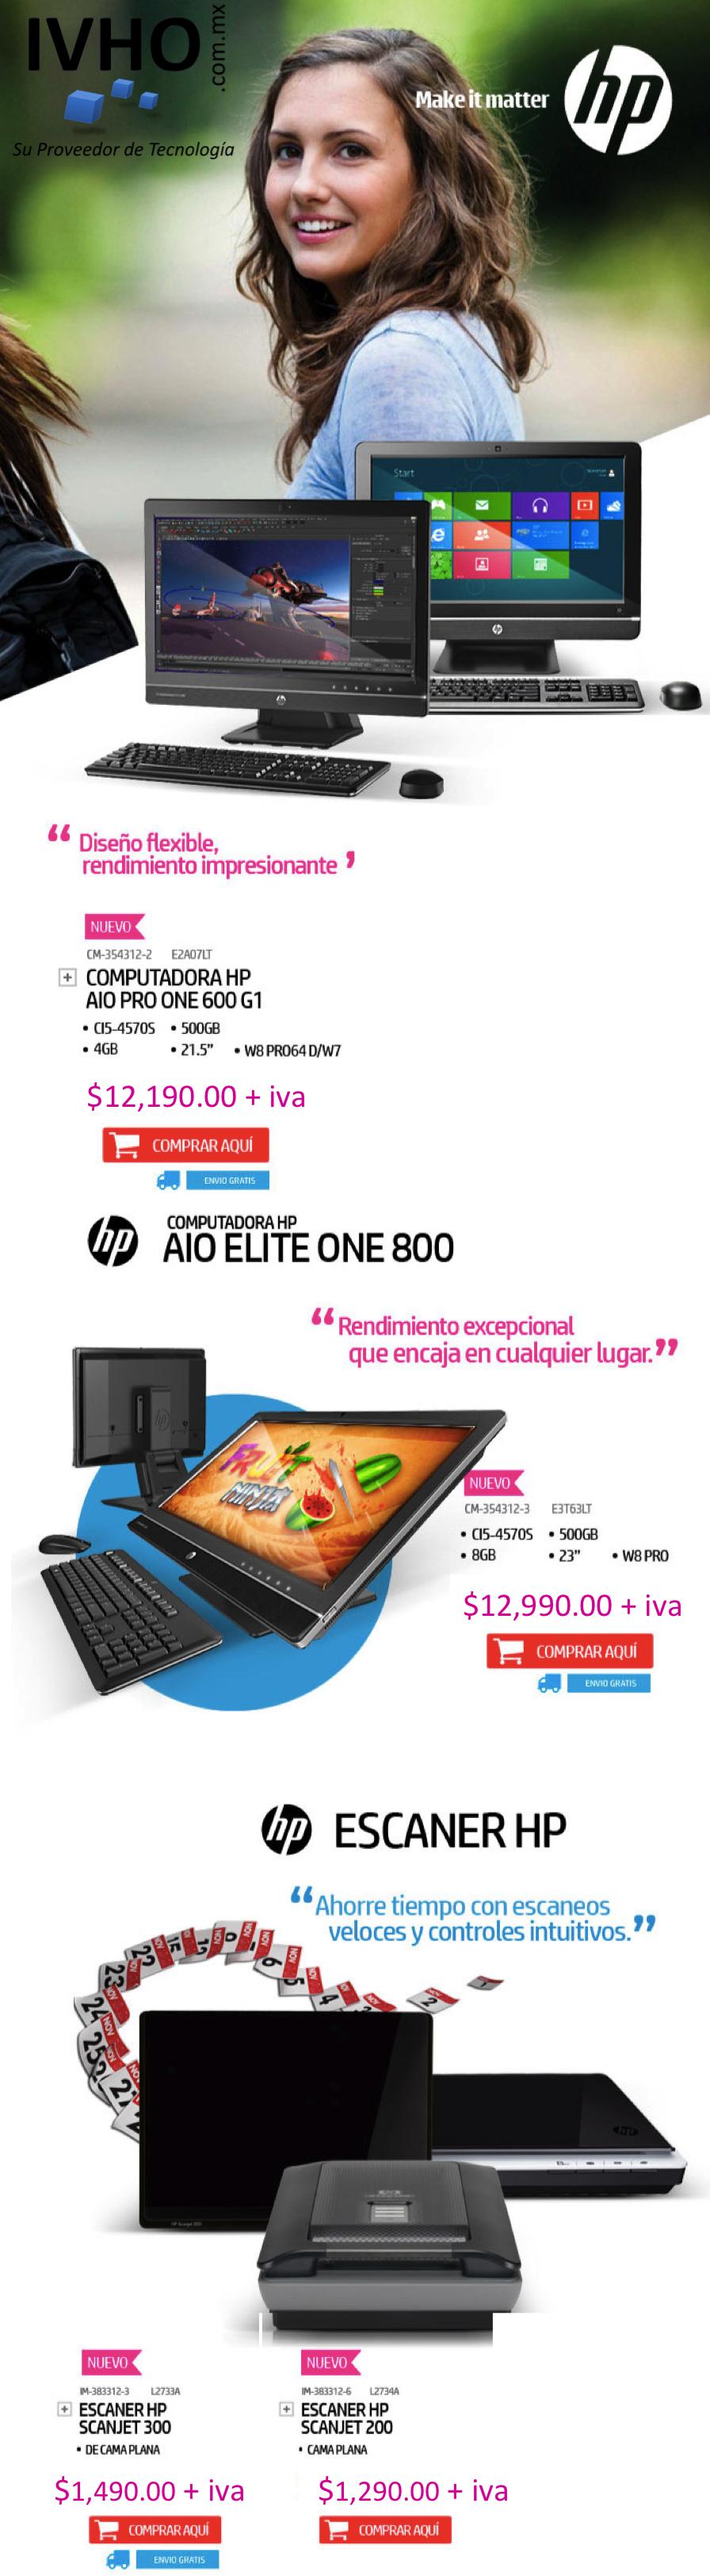 ¡Nuevos equipos HP con disponibilidad inmediata y entrega sin costo!